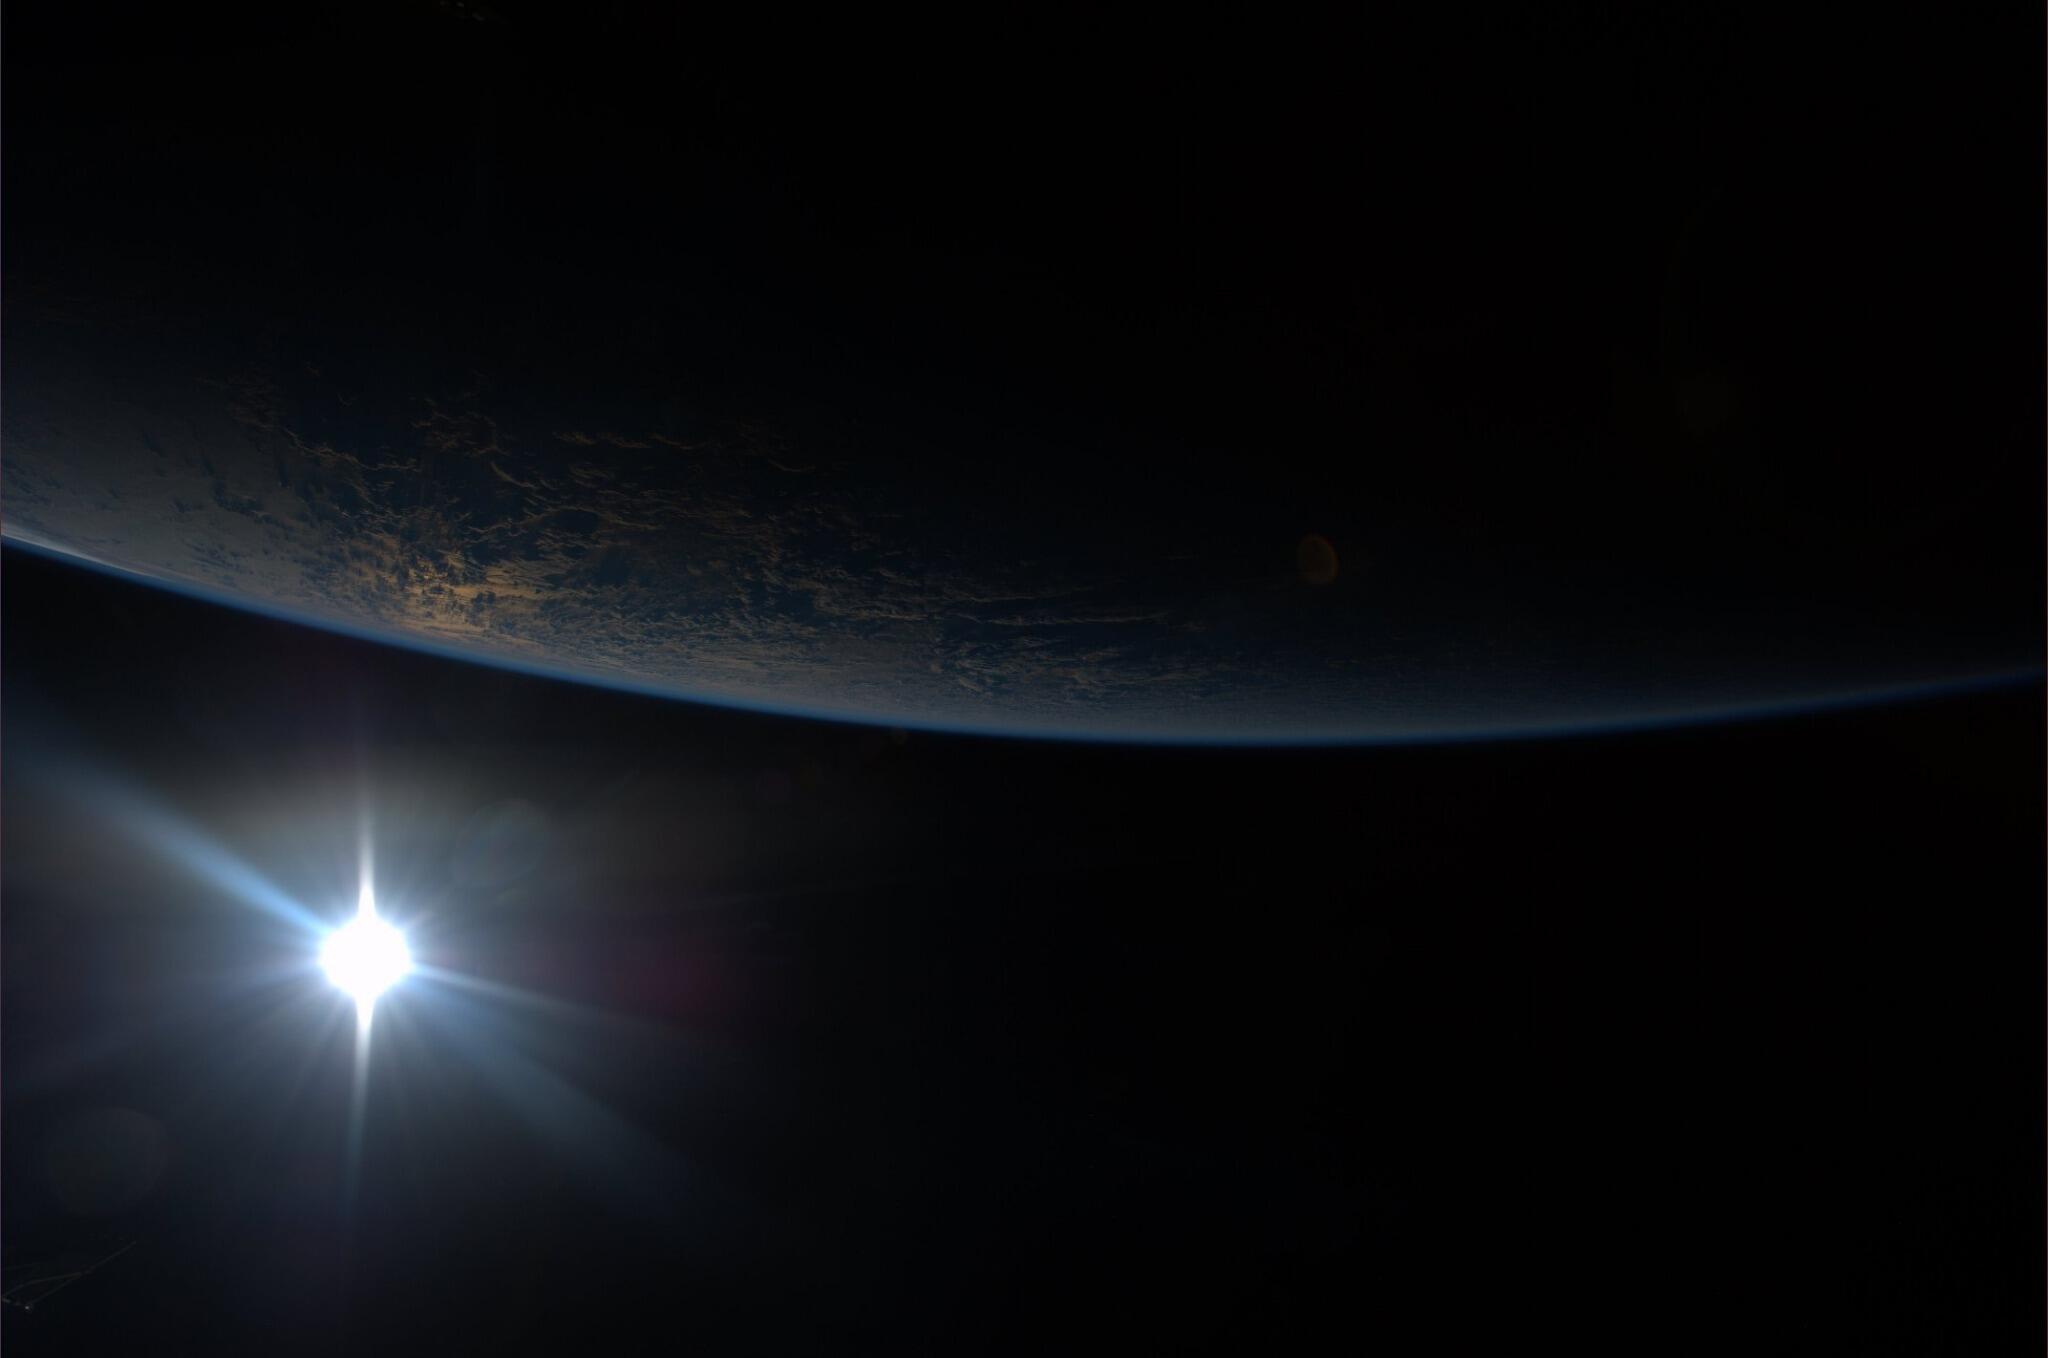 Twitter / AstroKarenN: Sunset. http://t.co/X0Fh0hDrpu